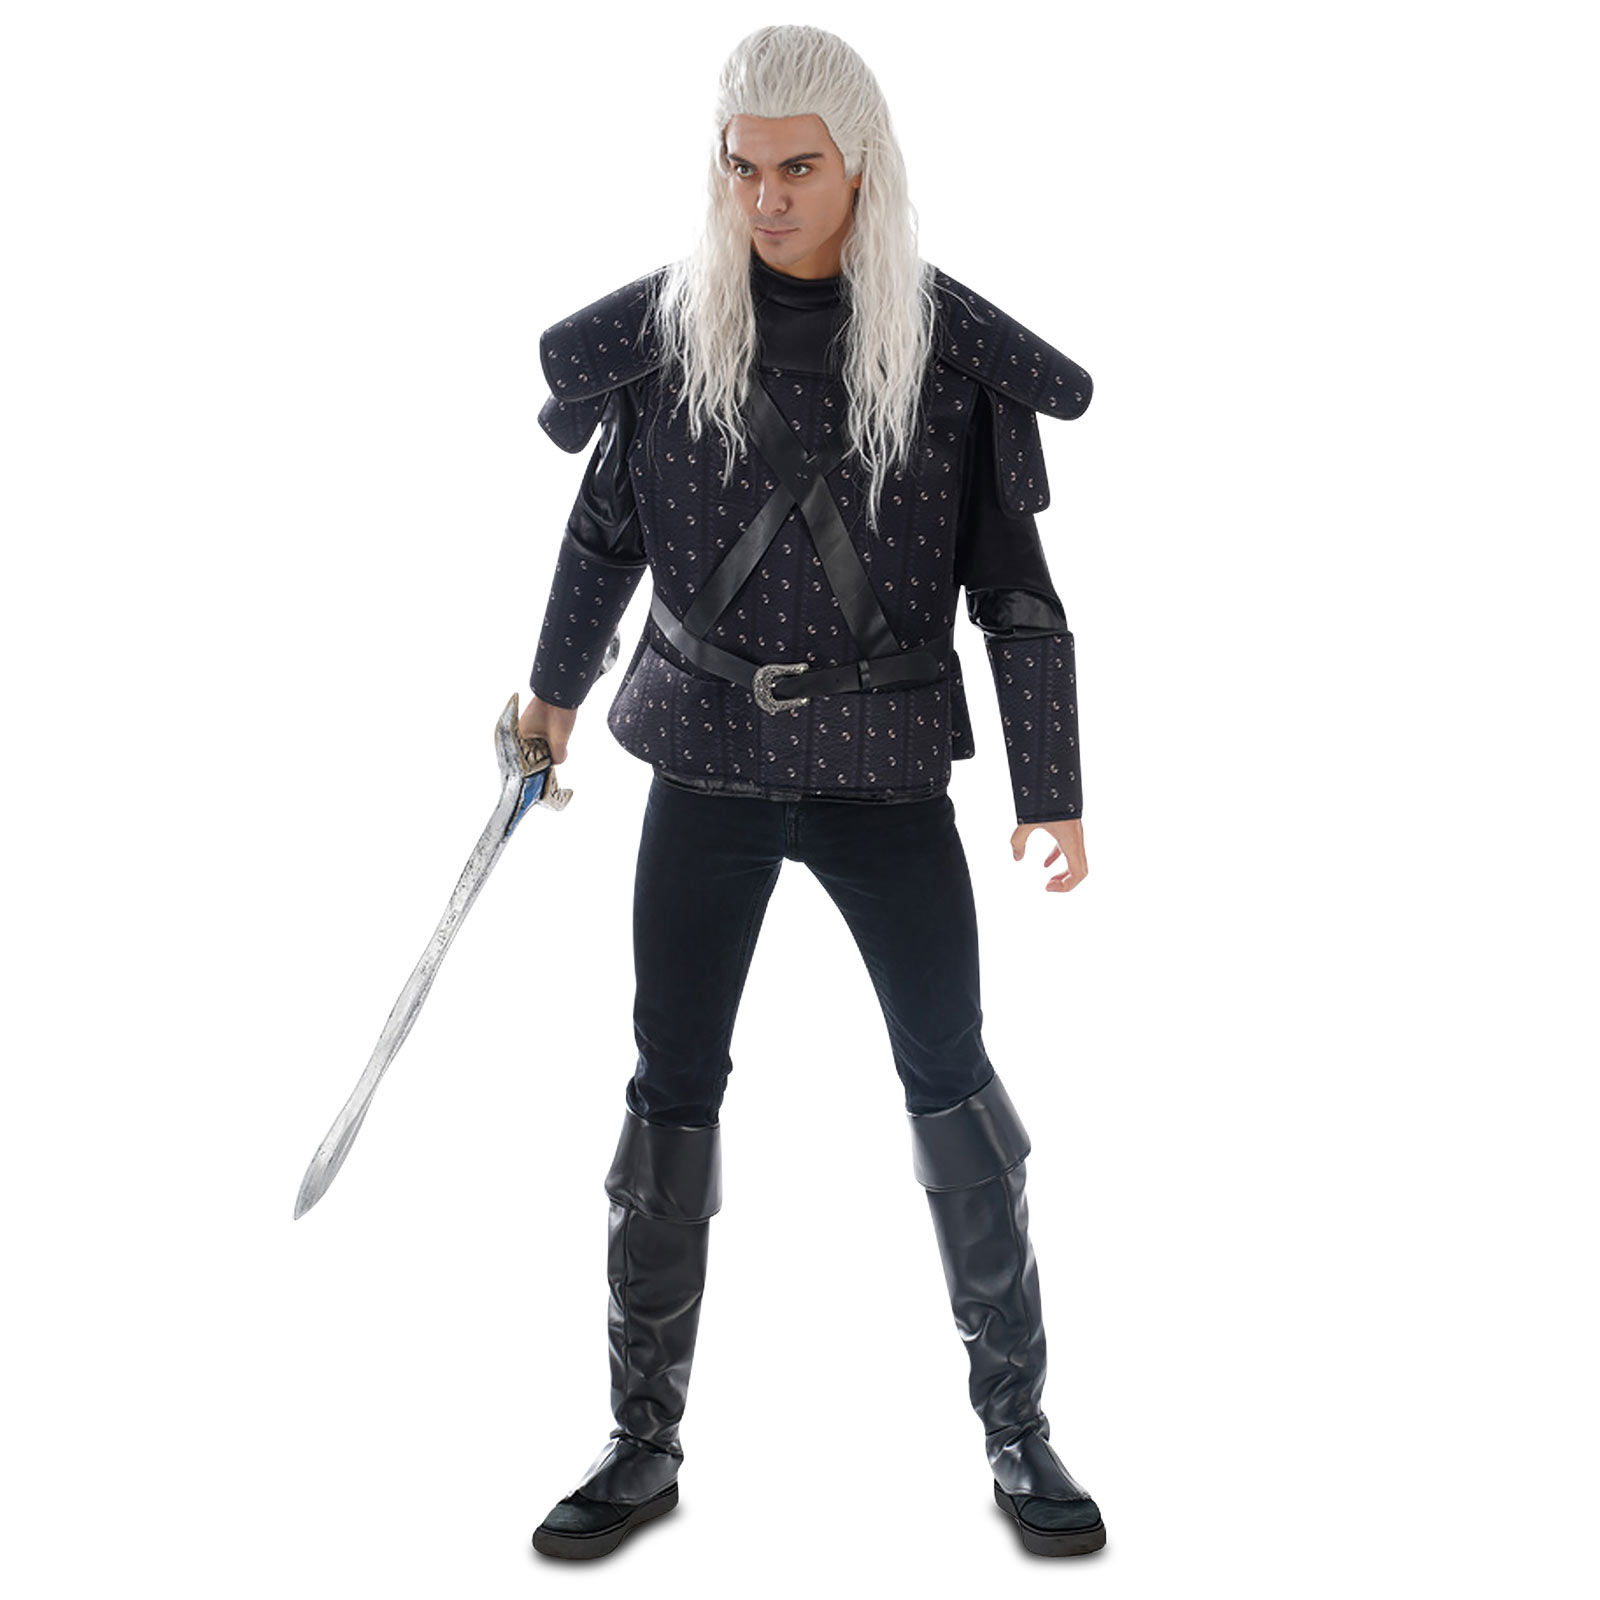 Geralt Kostüm Brustpanzer für Witcher Fans